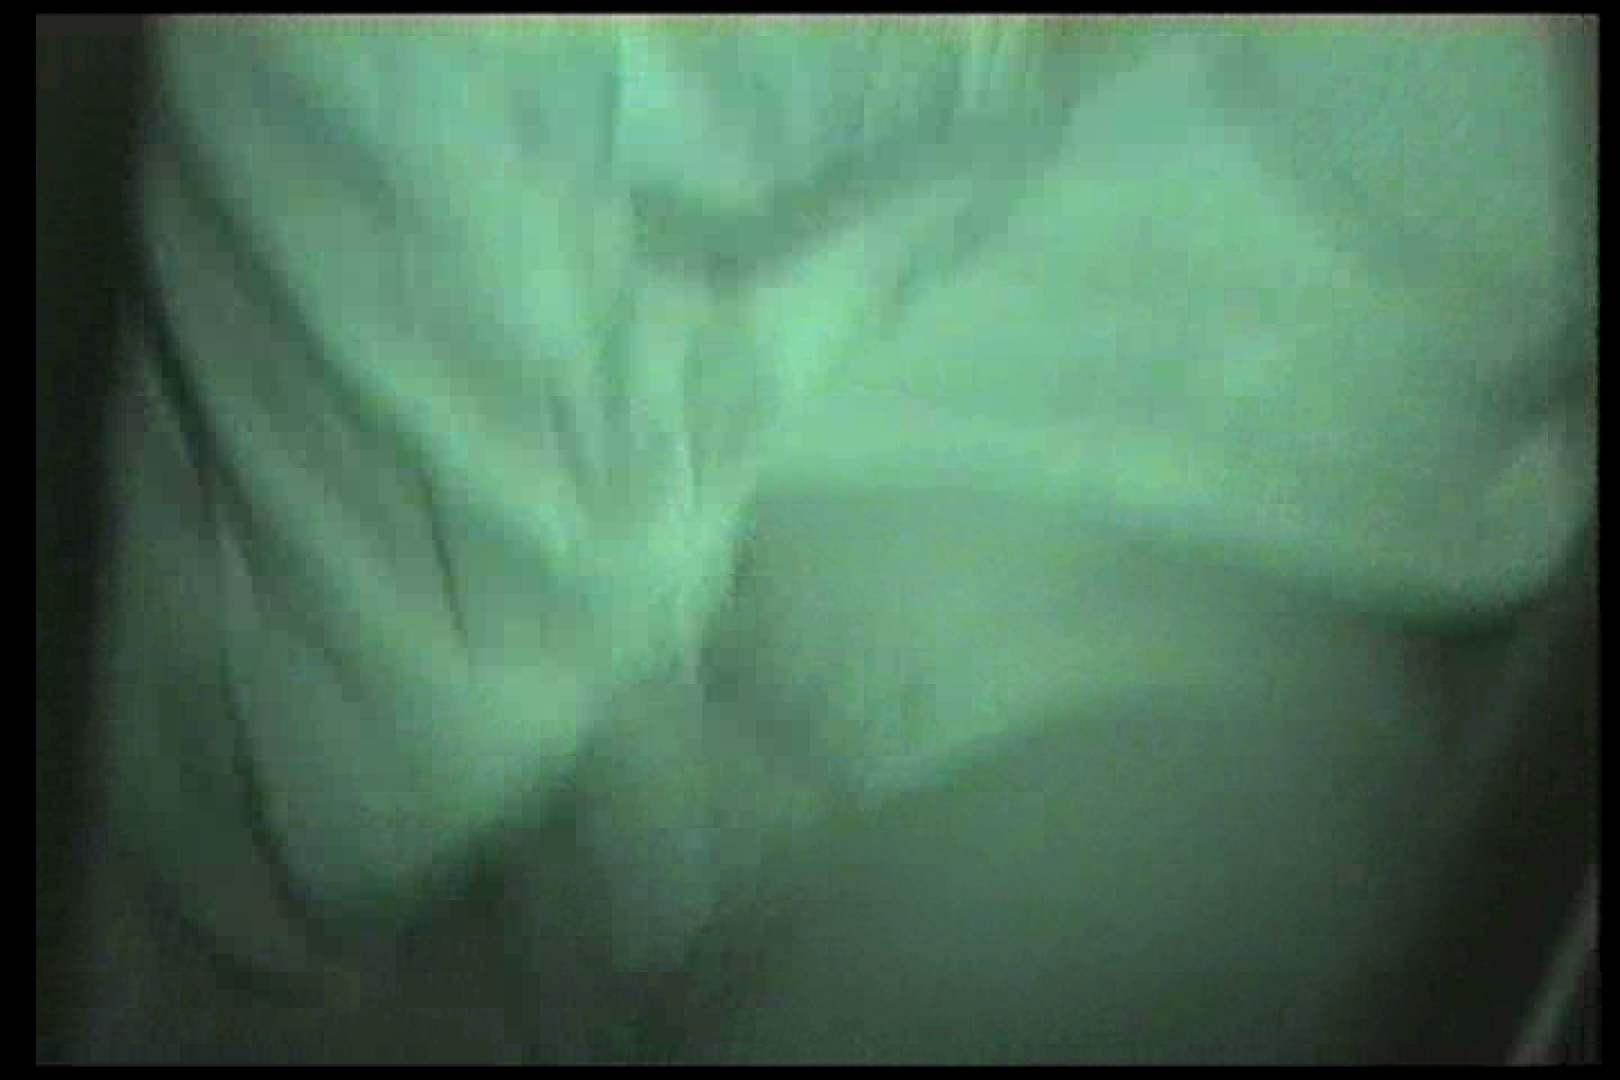 カーセックス未編集・無修正版 Vol.7前編 マンコ セックス画像 106画像 54